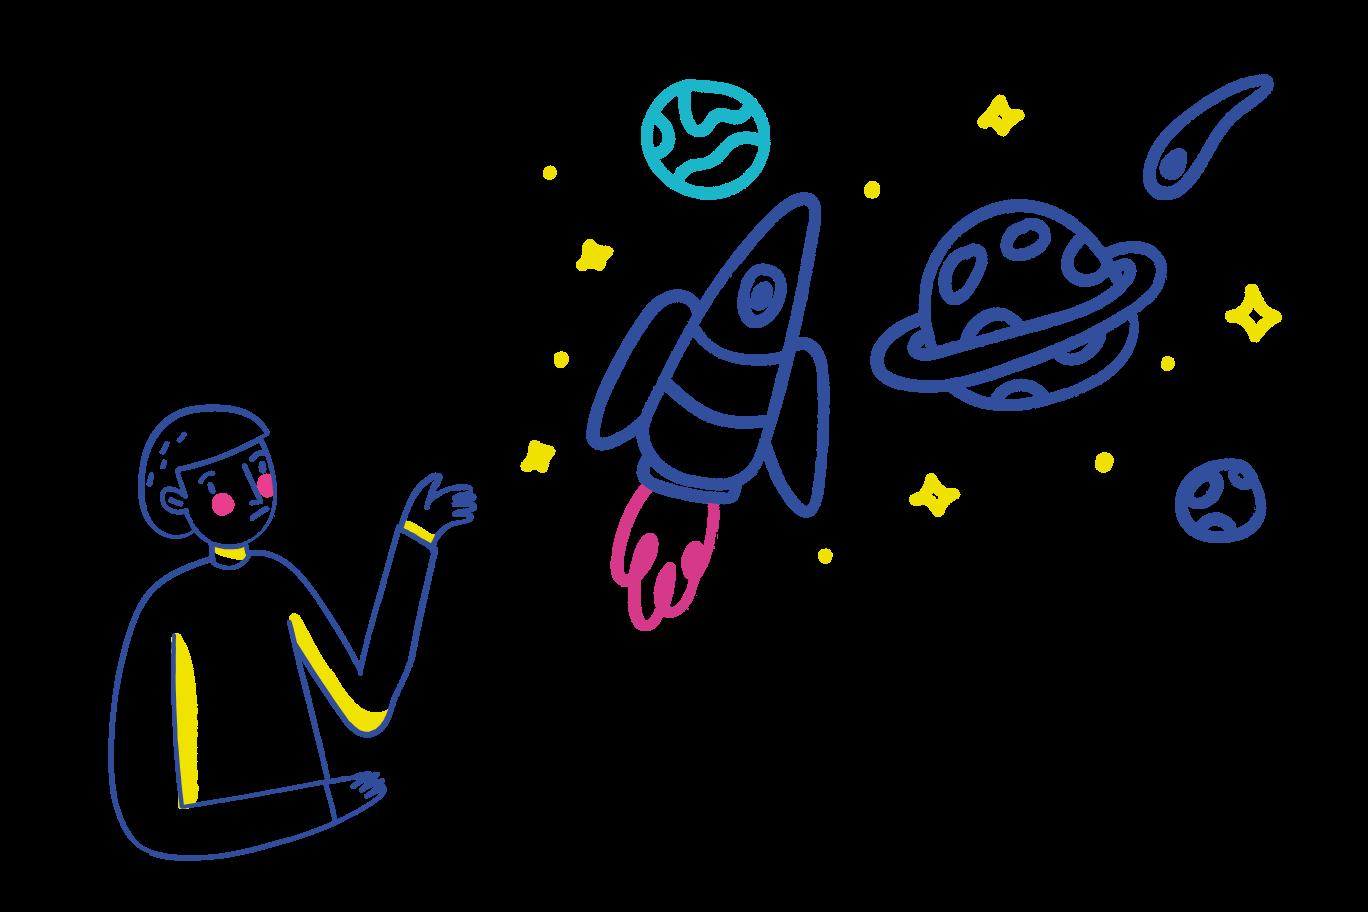 Über das universum nachdenken Clipart-Grafik als PNG, SVG